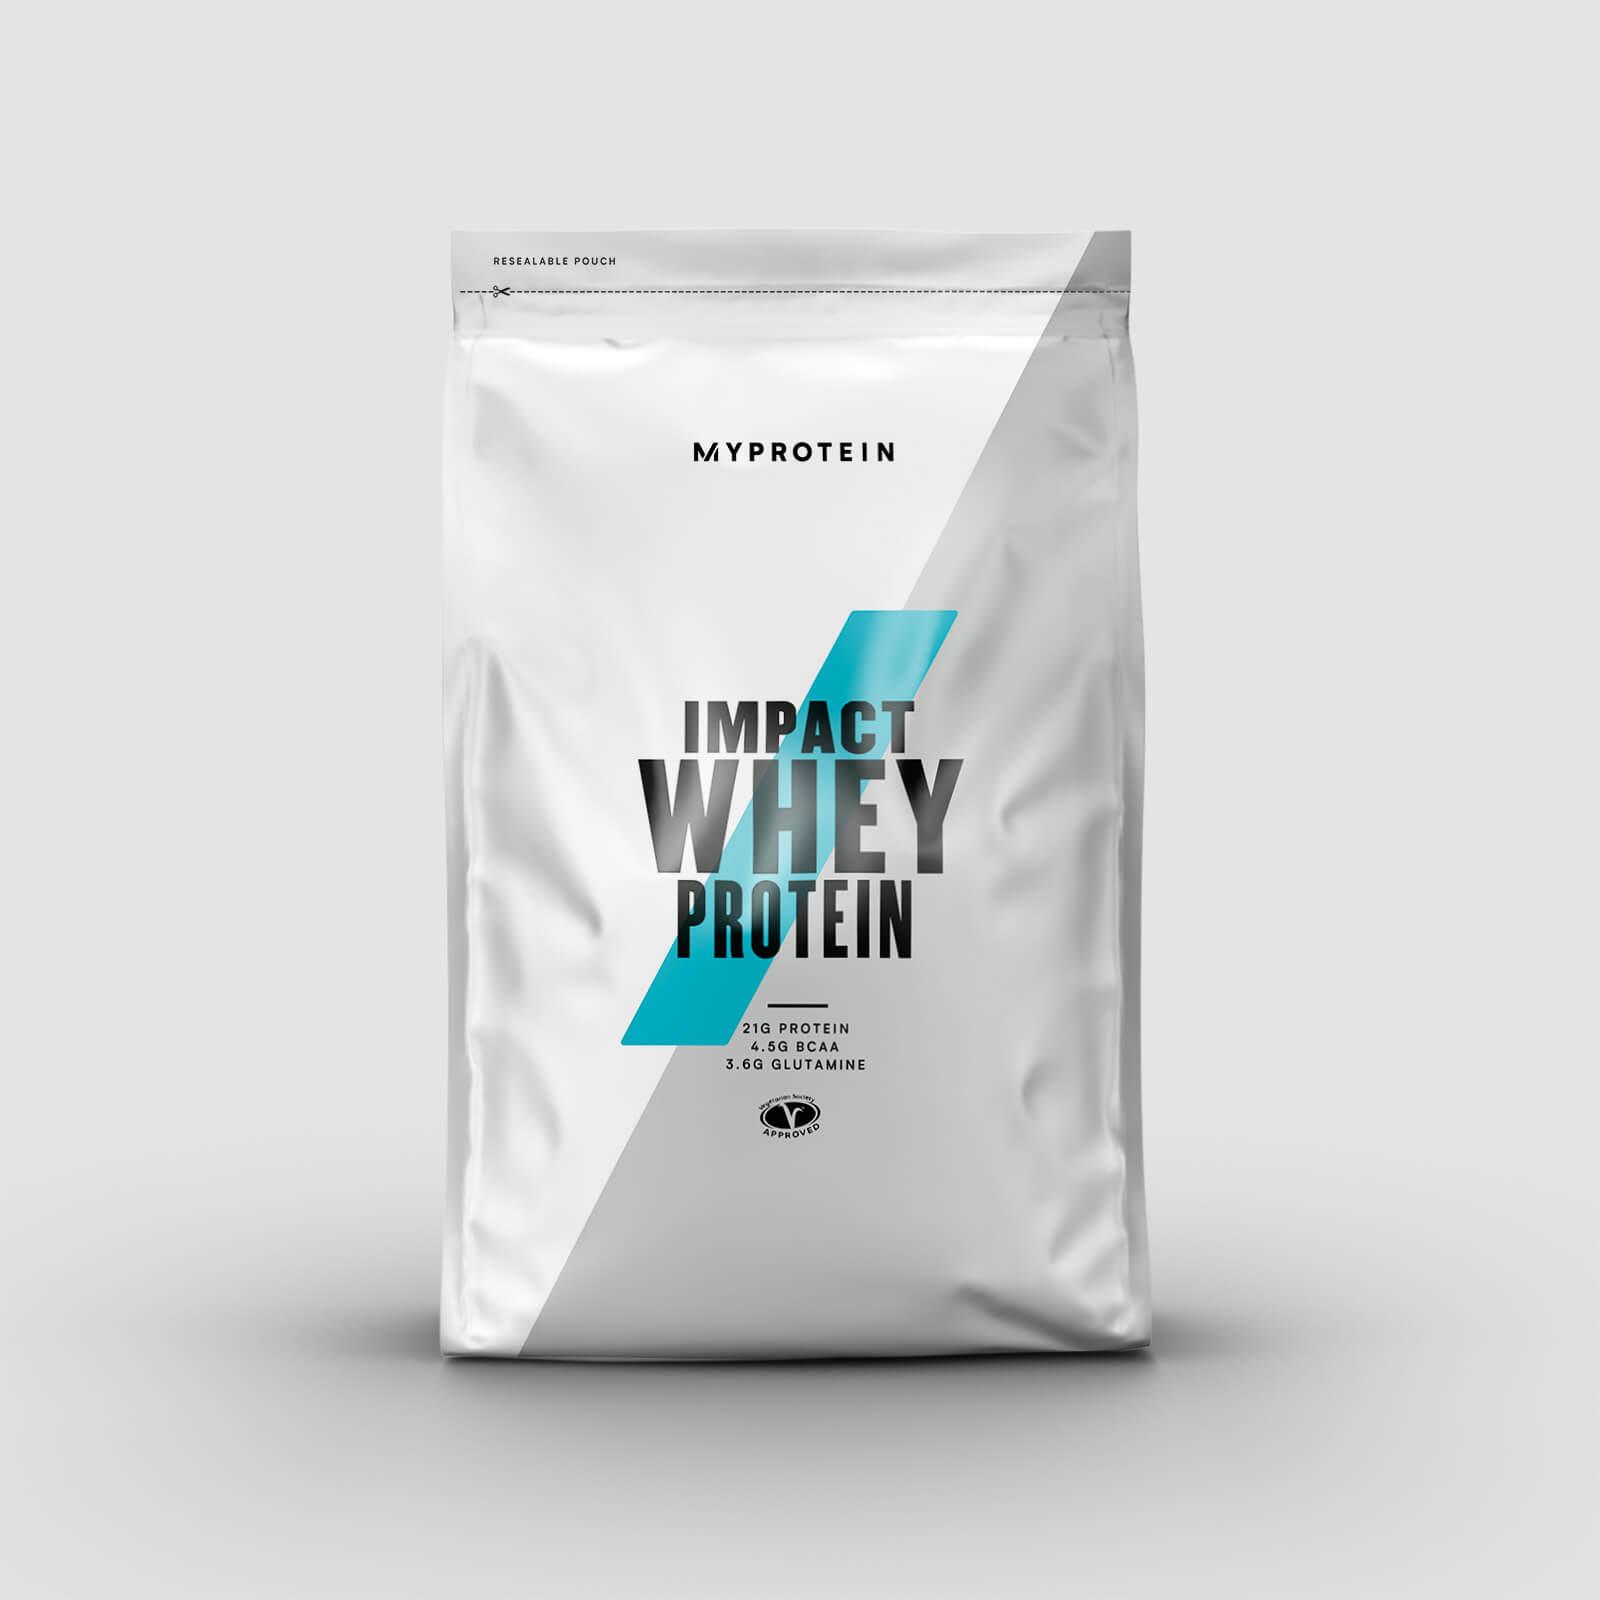 Myprotein Impact Whey Protein - 5kg - Sans arôme ajouté